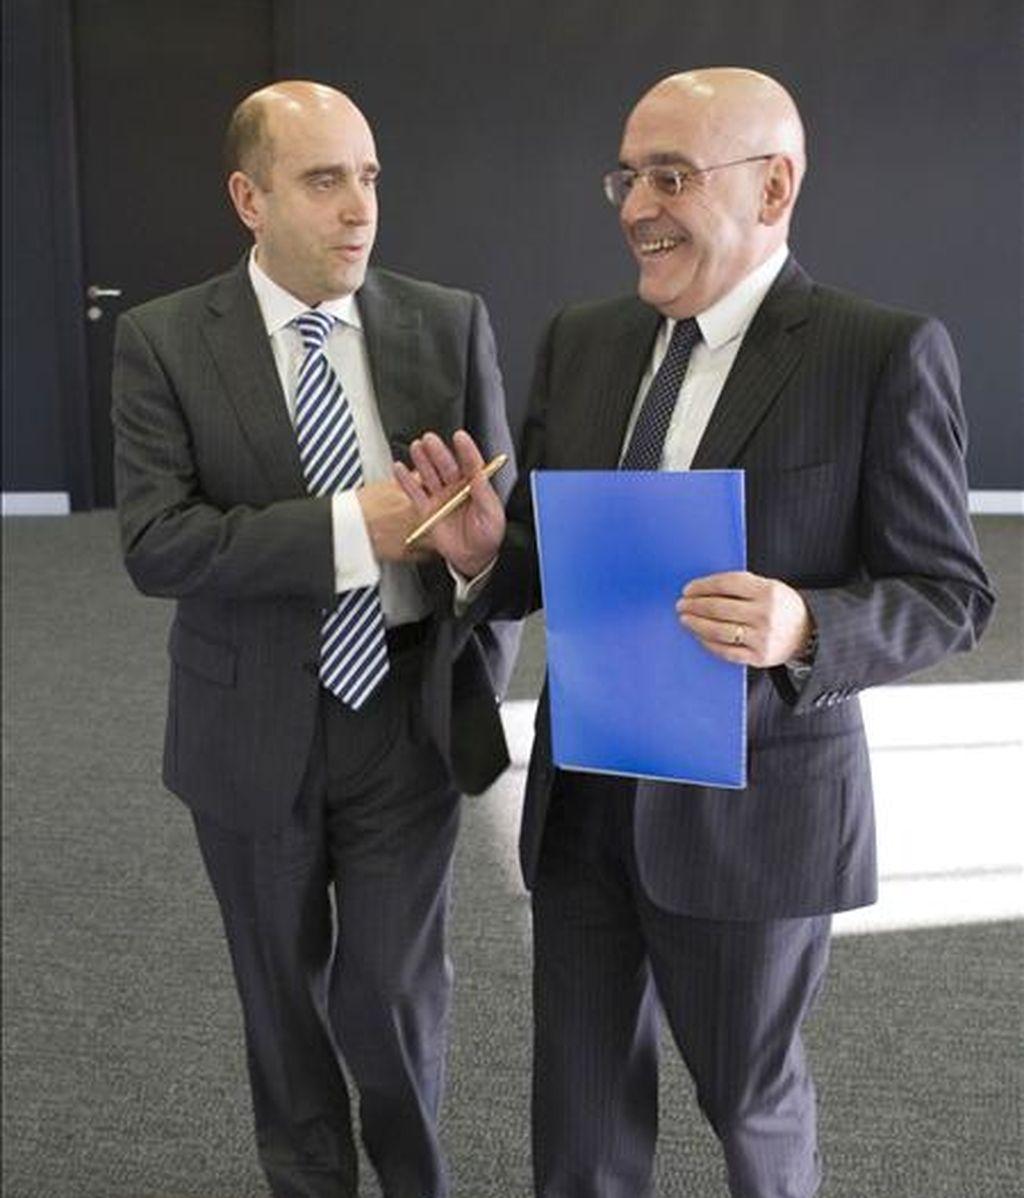 El presidente de Caja Vital Kutxa, Gregorio Rojo (d), y el director general, Joseba Barrena (i), se dirigen a la rueda de prensa en la que han informado sobre los resultados de la entidad en el año 2008. EFE